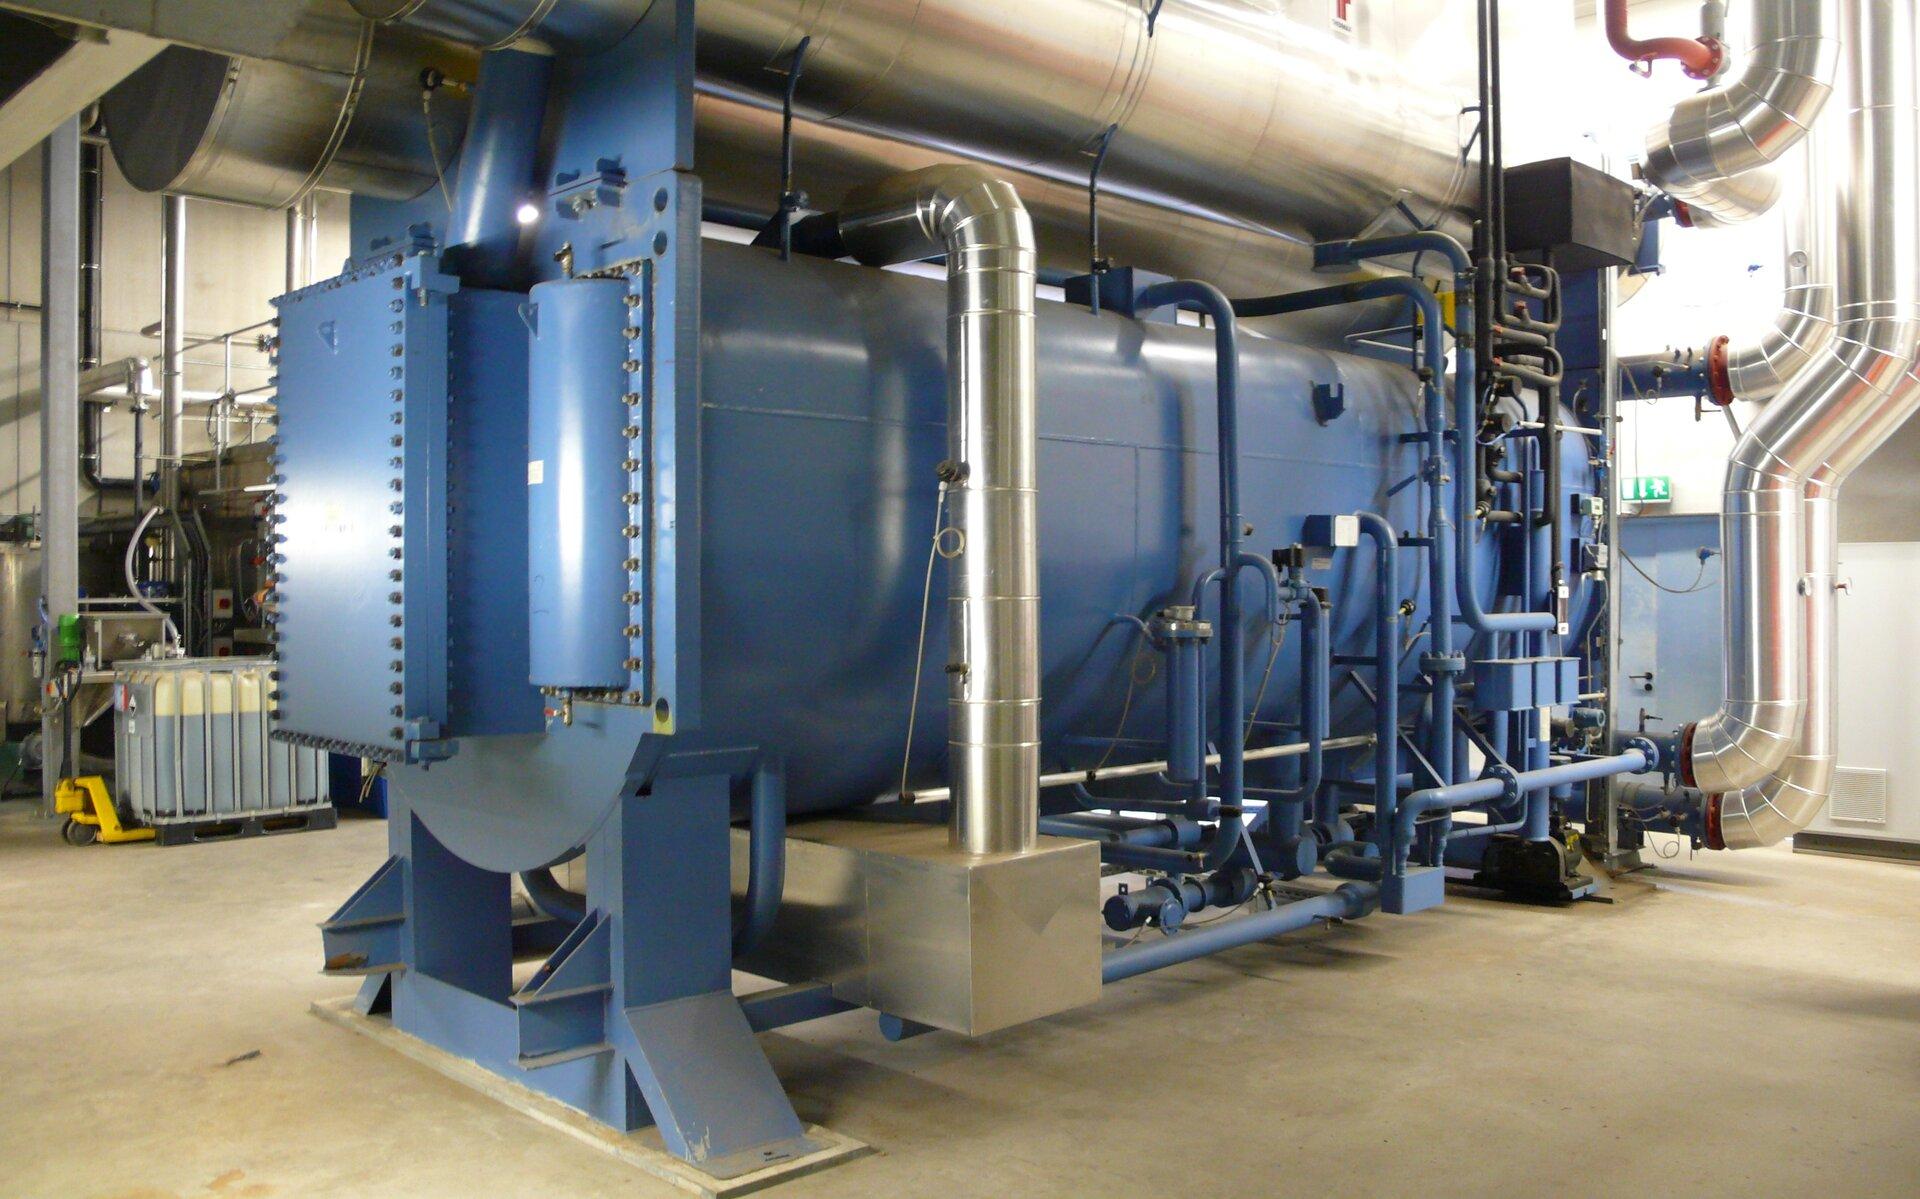 Na zdjęciu duży metalowy zbiornik, dookoła rury różnej grubości.